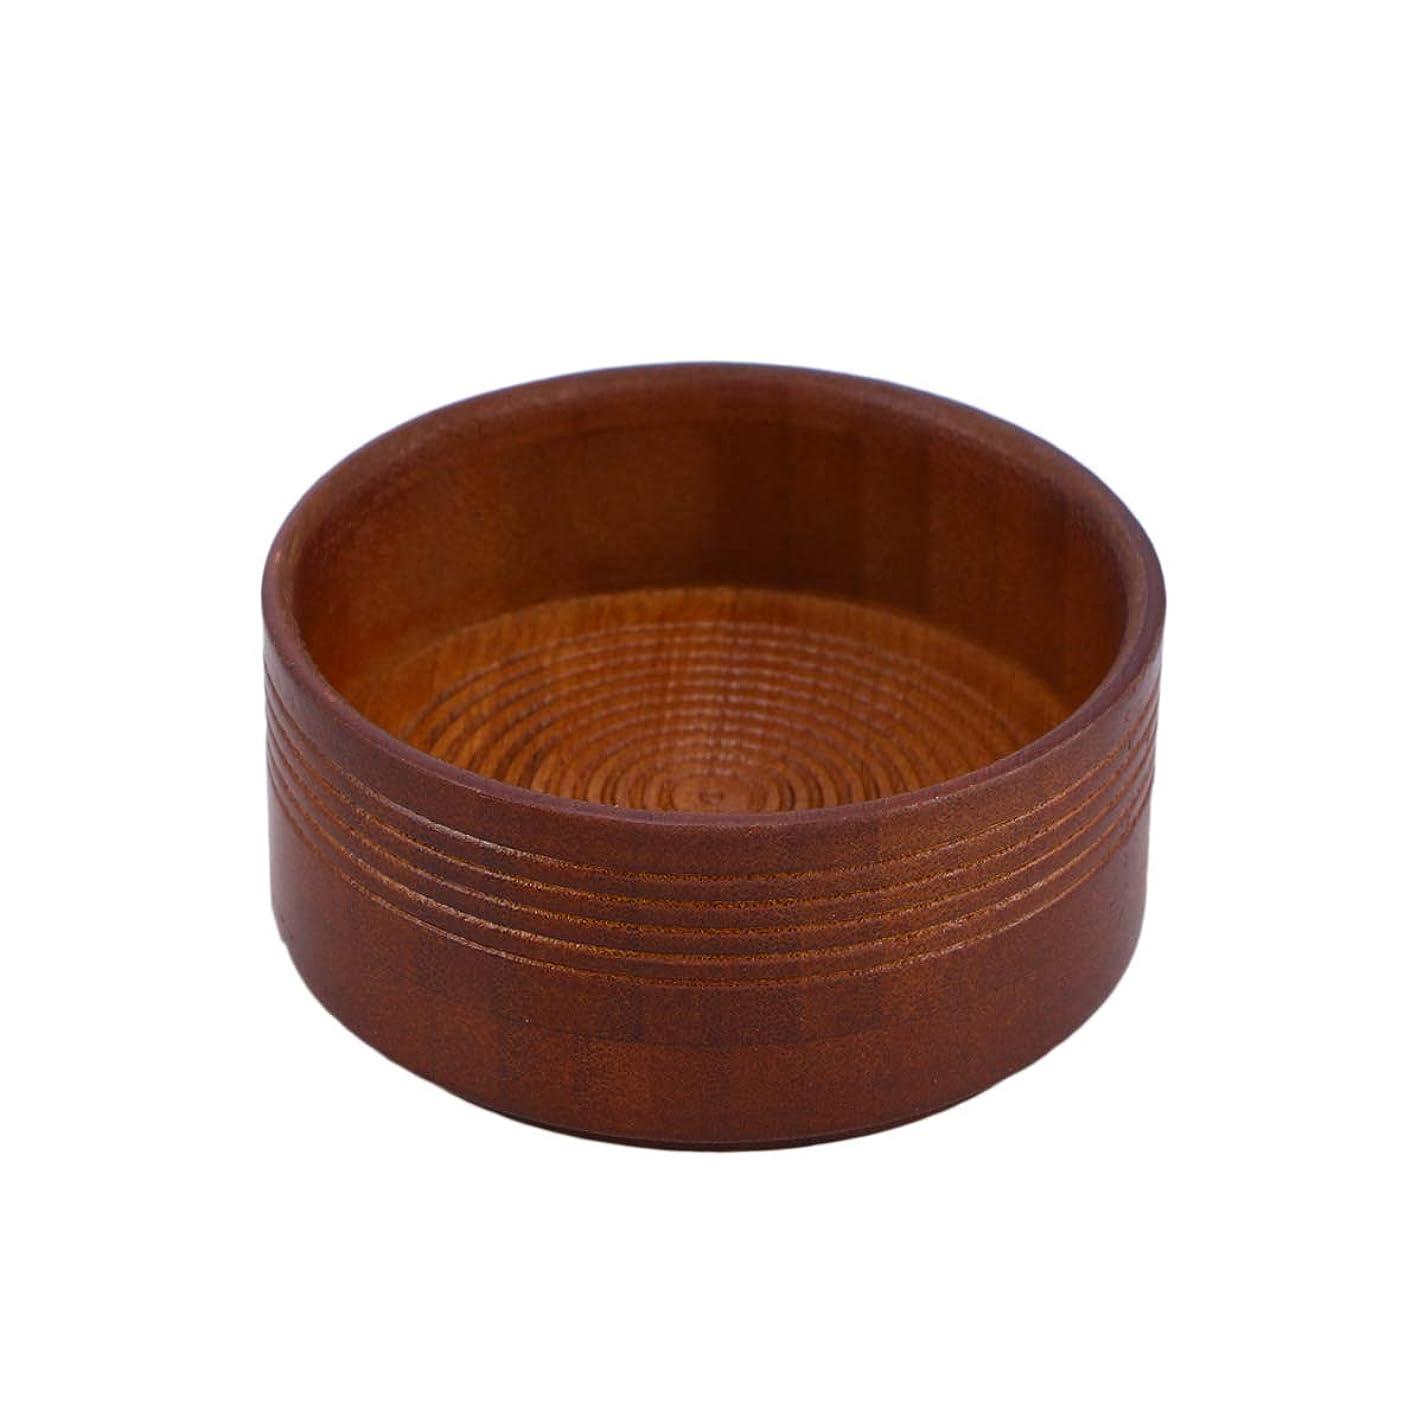 SUPVOX メンズシェービングソープボールシェービングソープカップシェービングマグ容器L